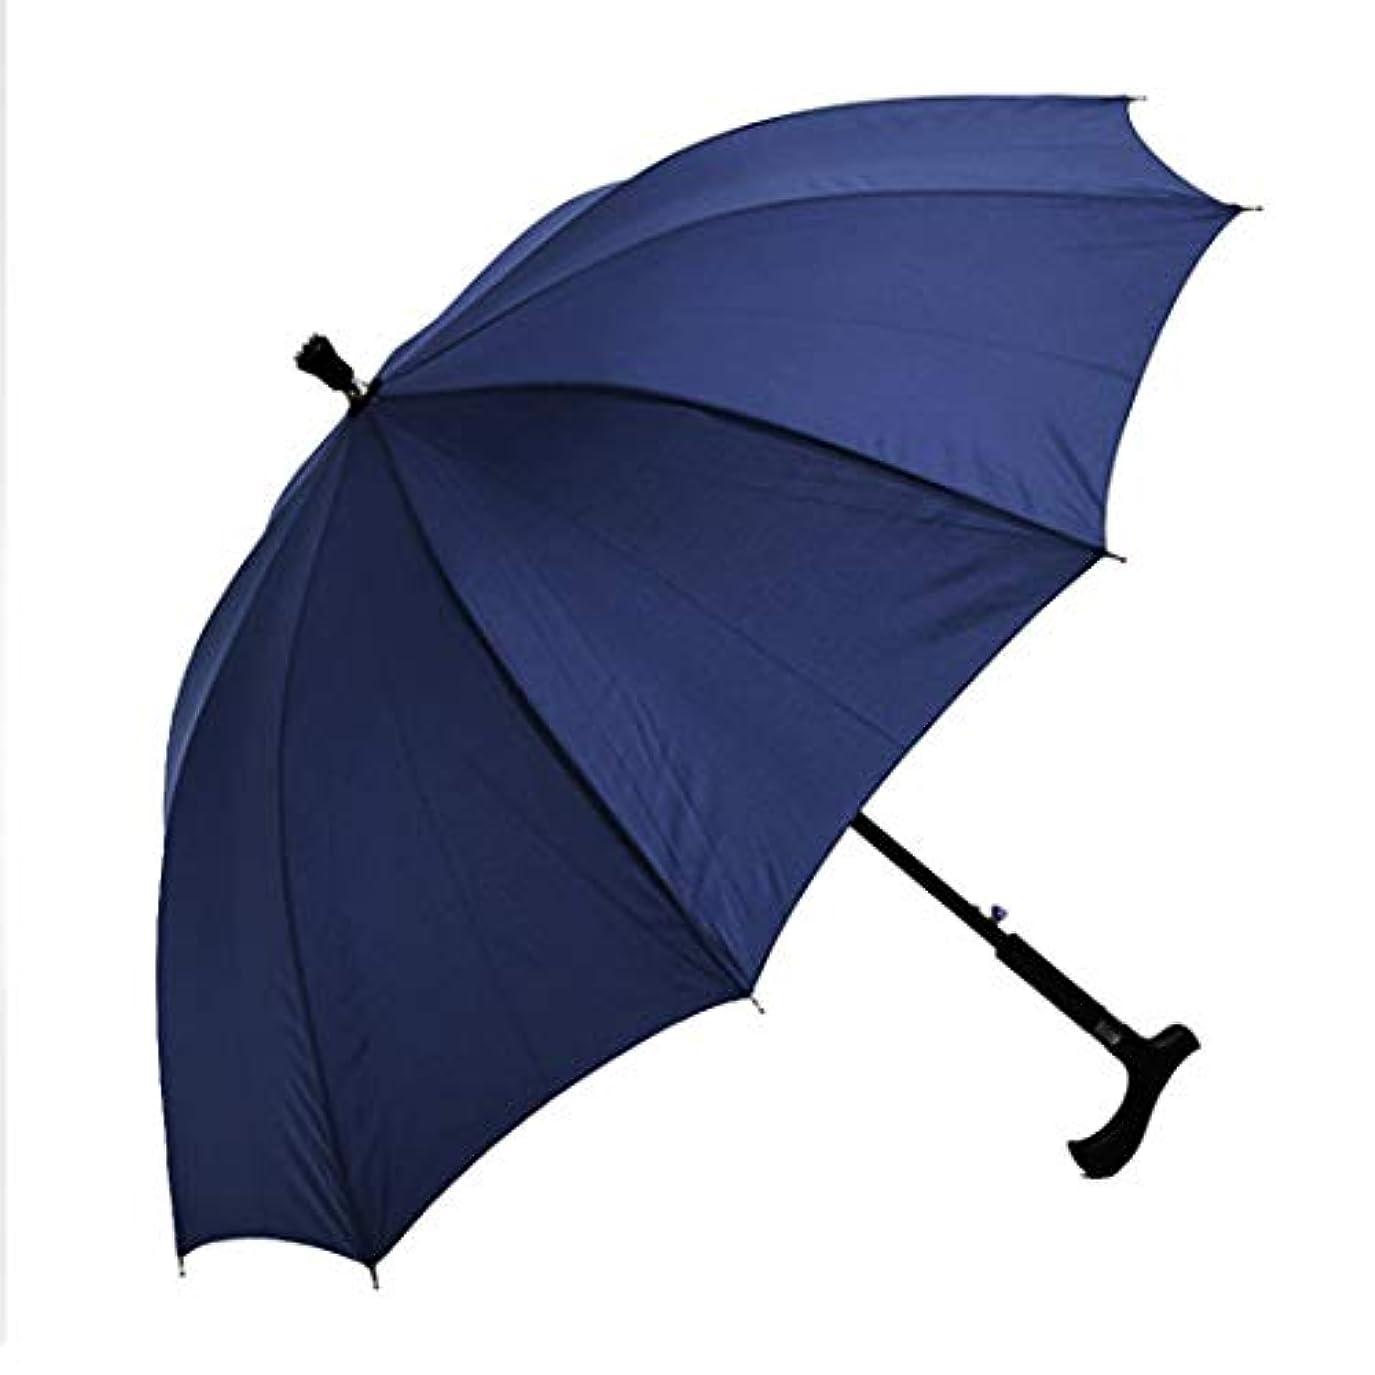 無効スイッチ非公式comentrisyz 2-in-1 クライミング ハイキング スティック 松葉杖 防風雨 サン 傘 - ブルー